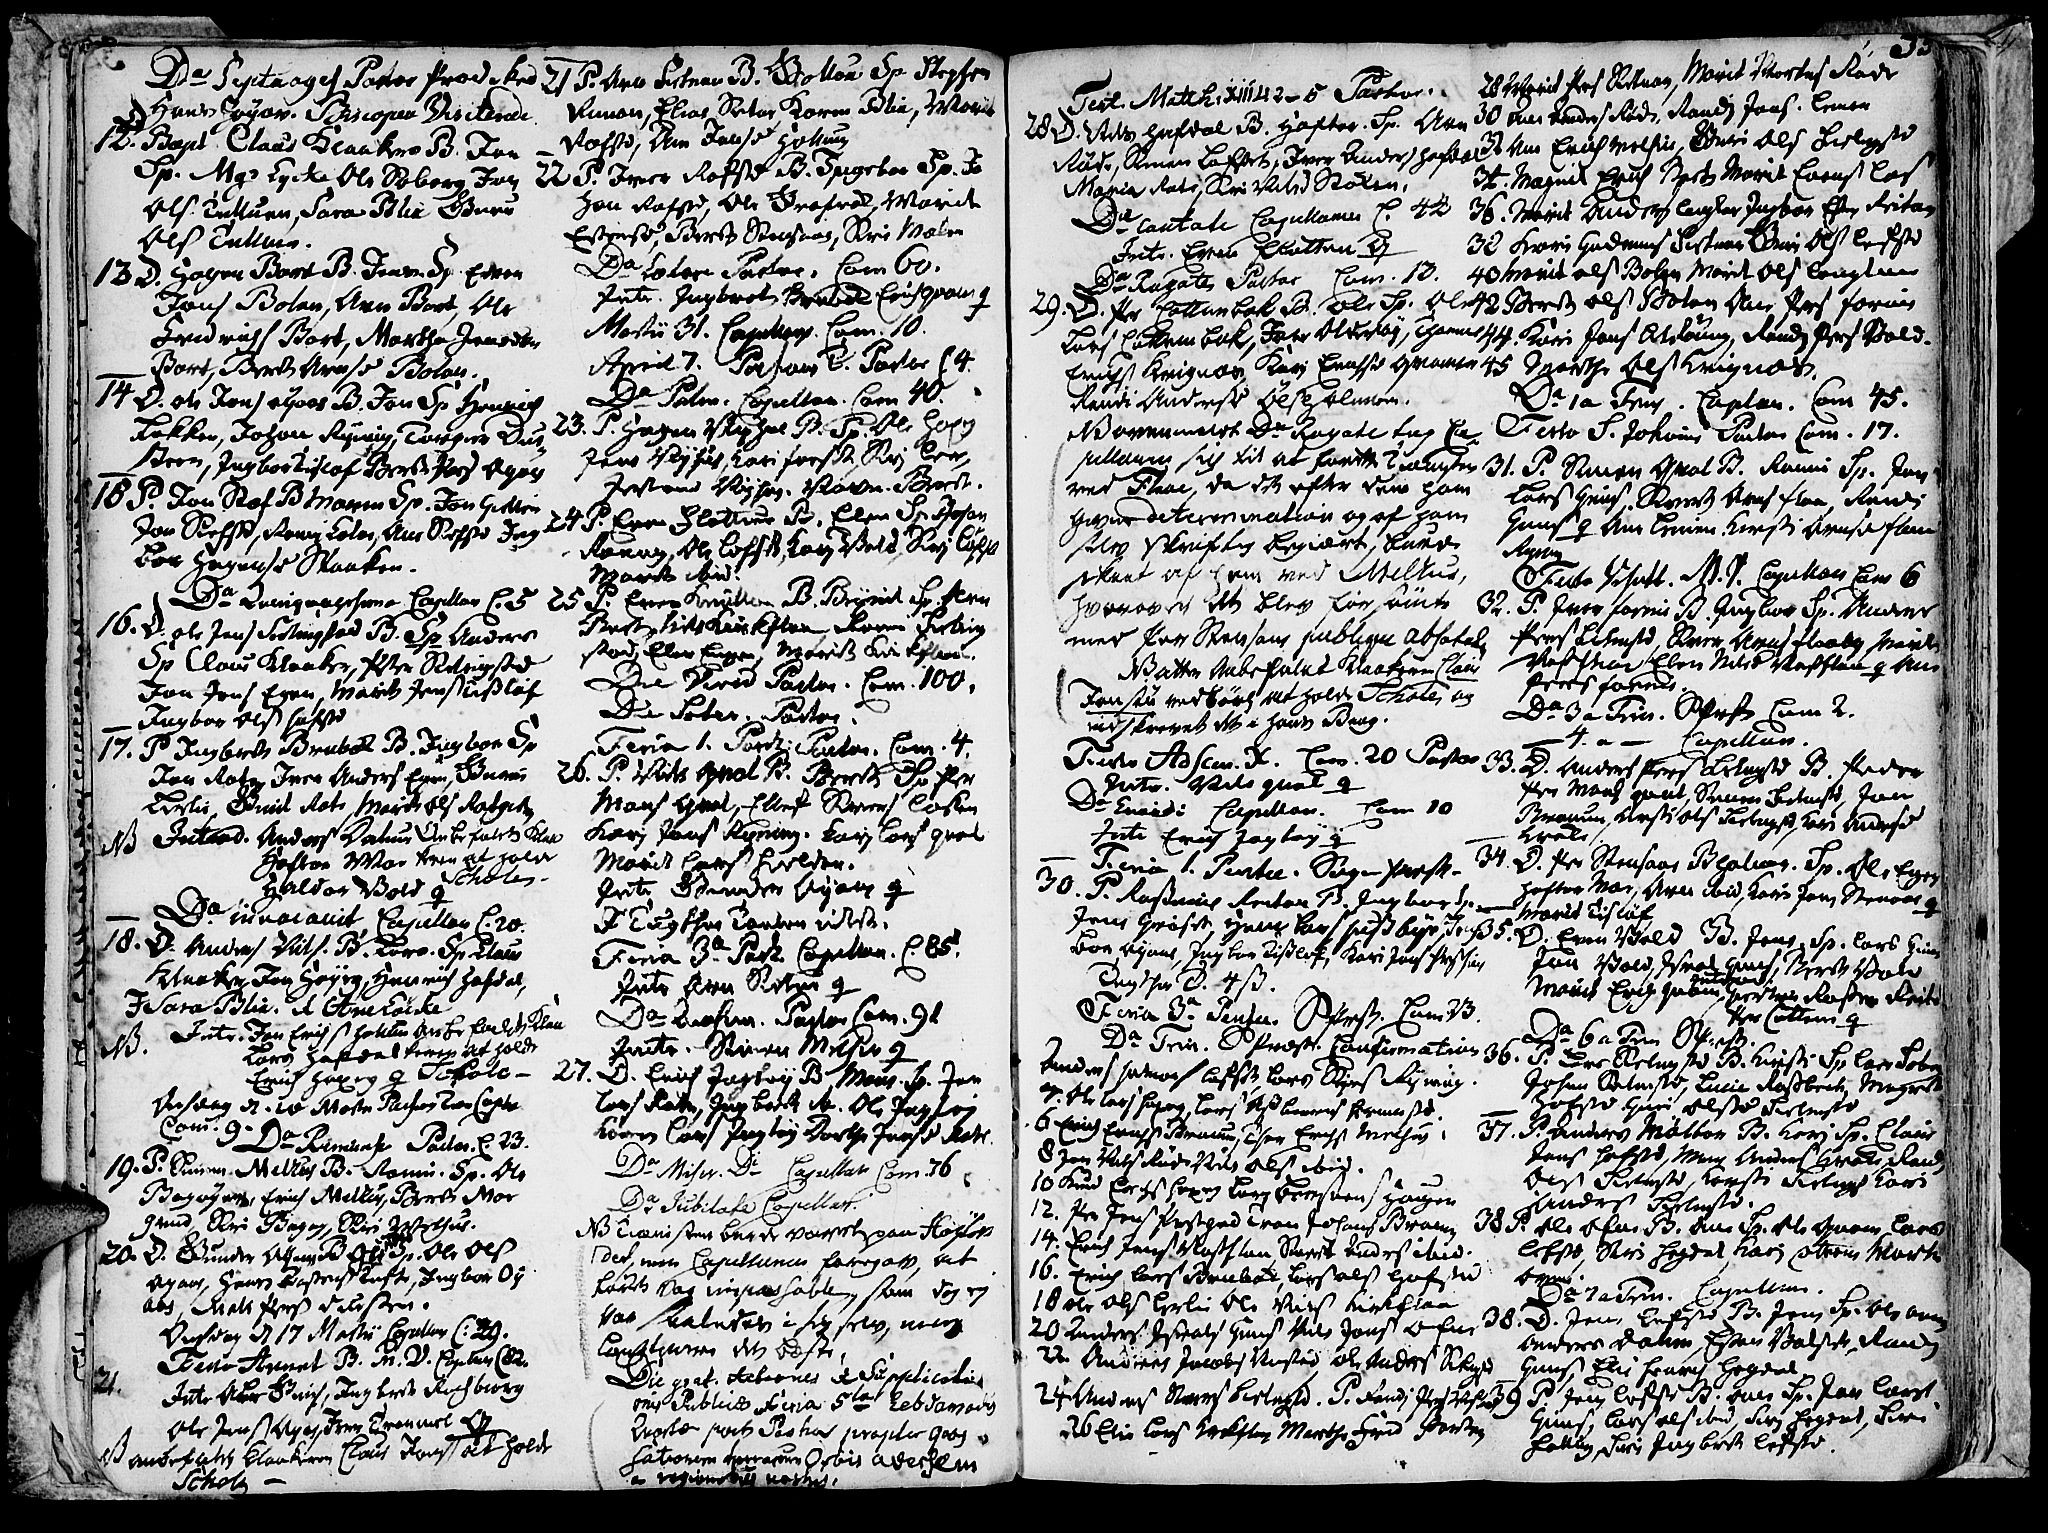 SAT, Ministerialprotokoller, klokkerbøker og fødselsregistre - Sør-Trøndelag, 691/L1057: Ministerialbok nr. 691A01 /1, 1740-1767, s. 33